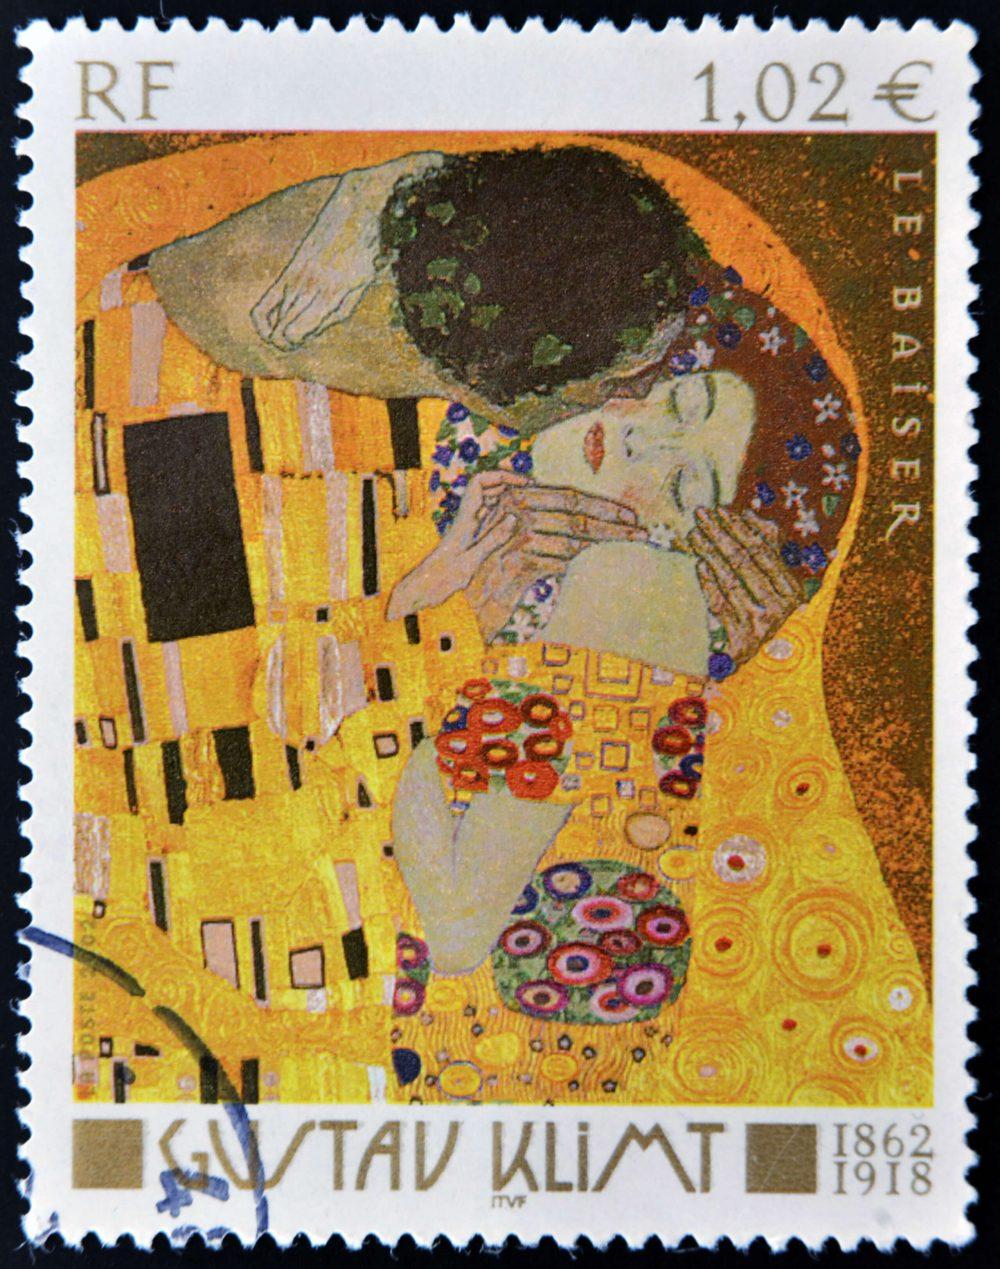 Gustav Klimt multimedial in Locarno erleben (Bild: neftali - shutterstock.com)